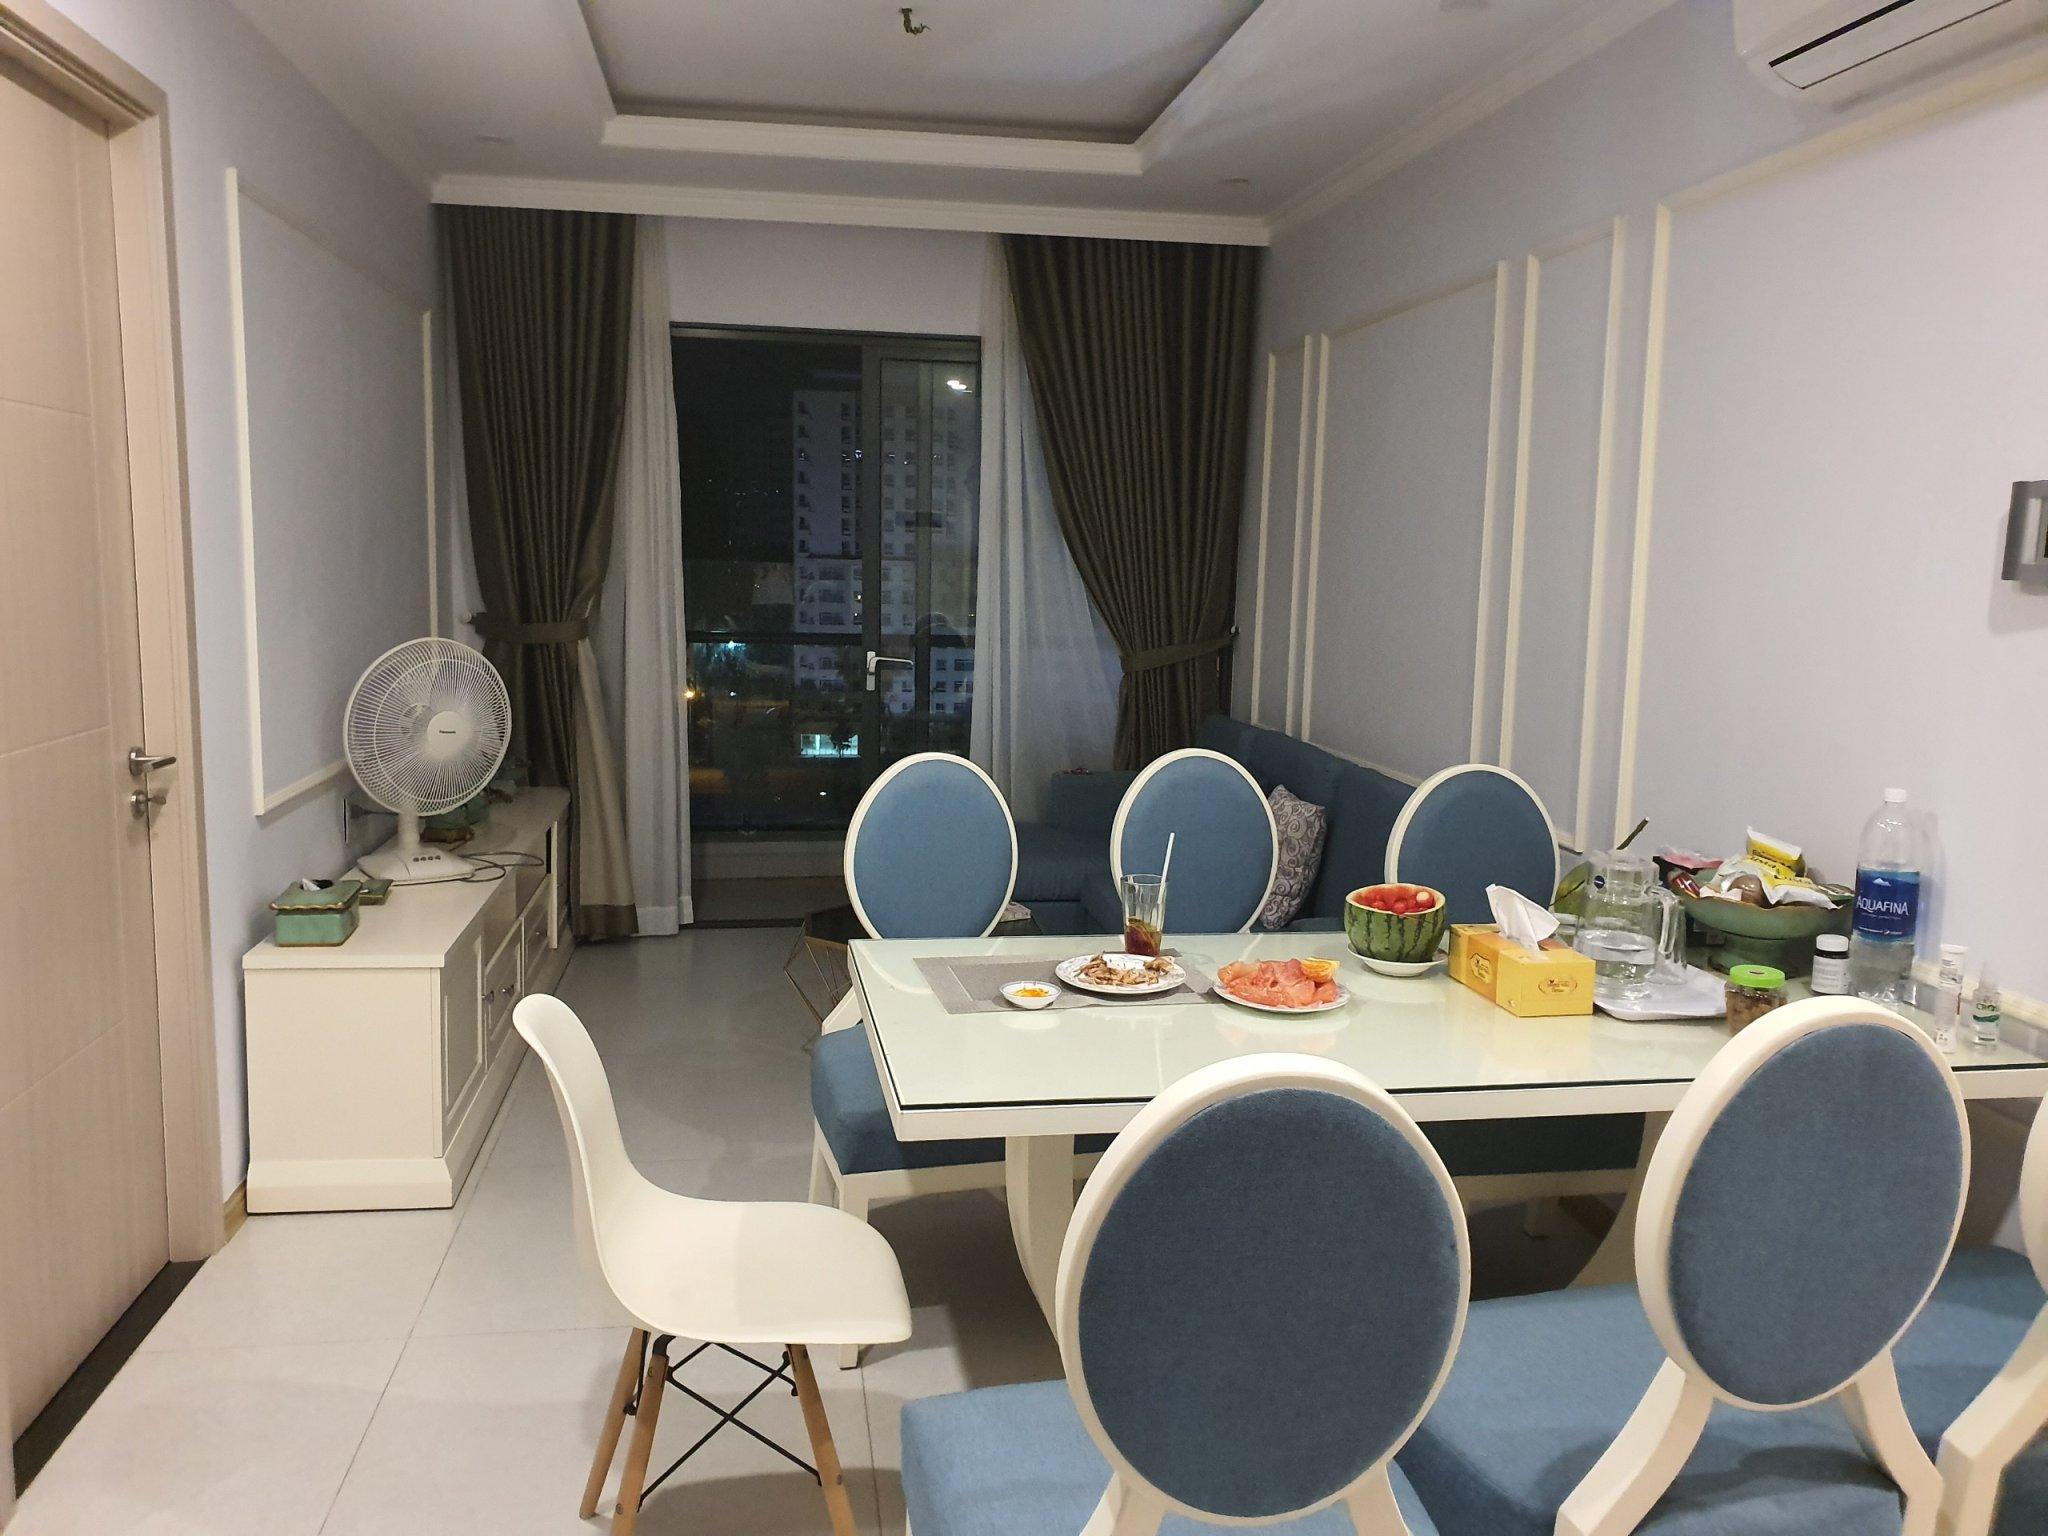 Chuyển Nhượng 2 phòng ngủ New City Thủ Thiêm - ID 010096